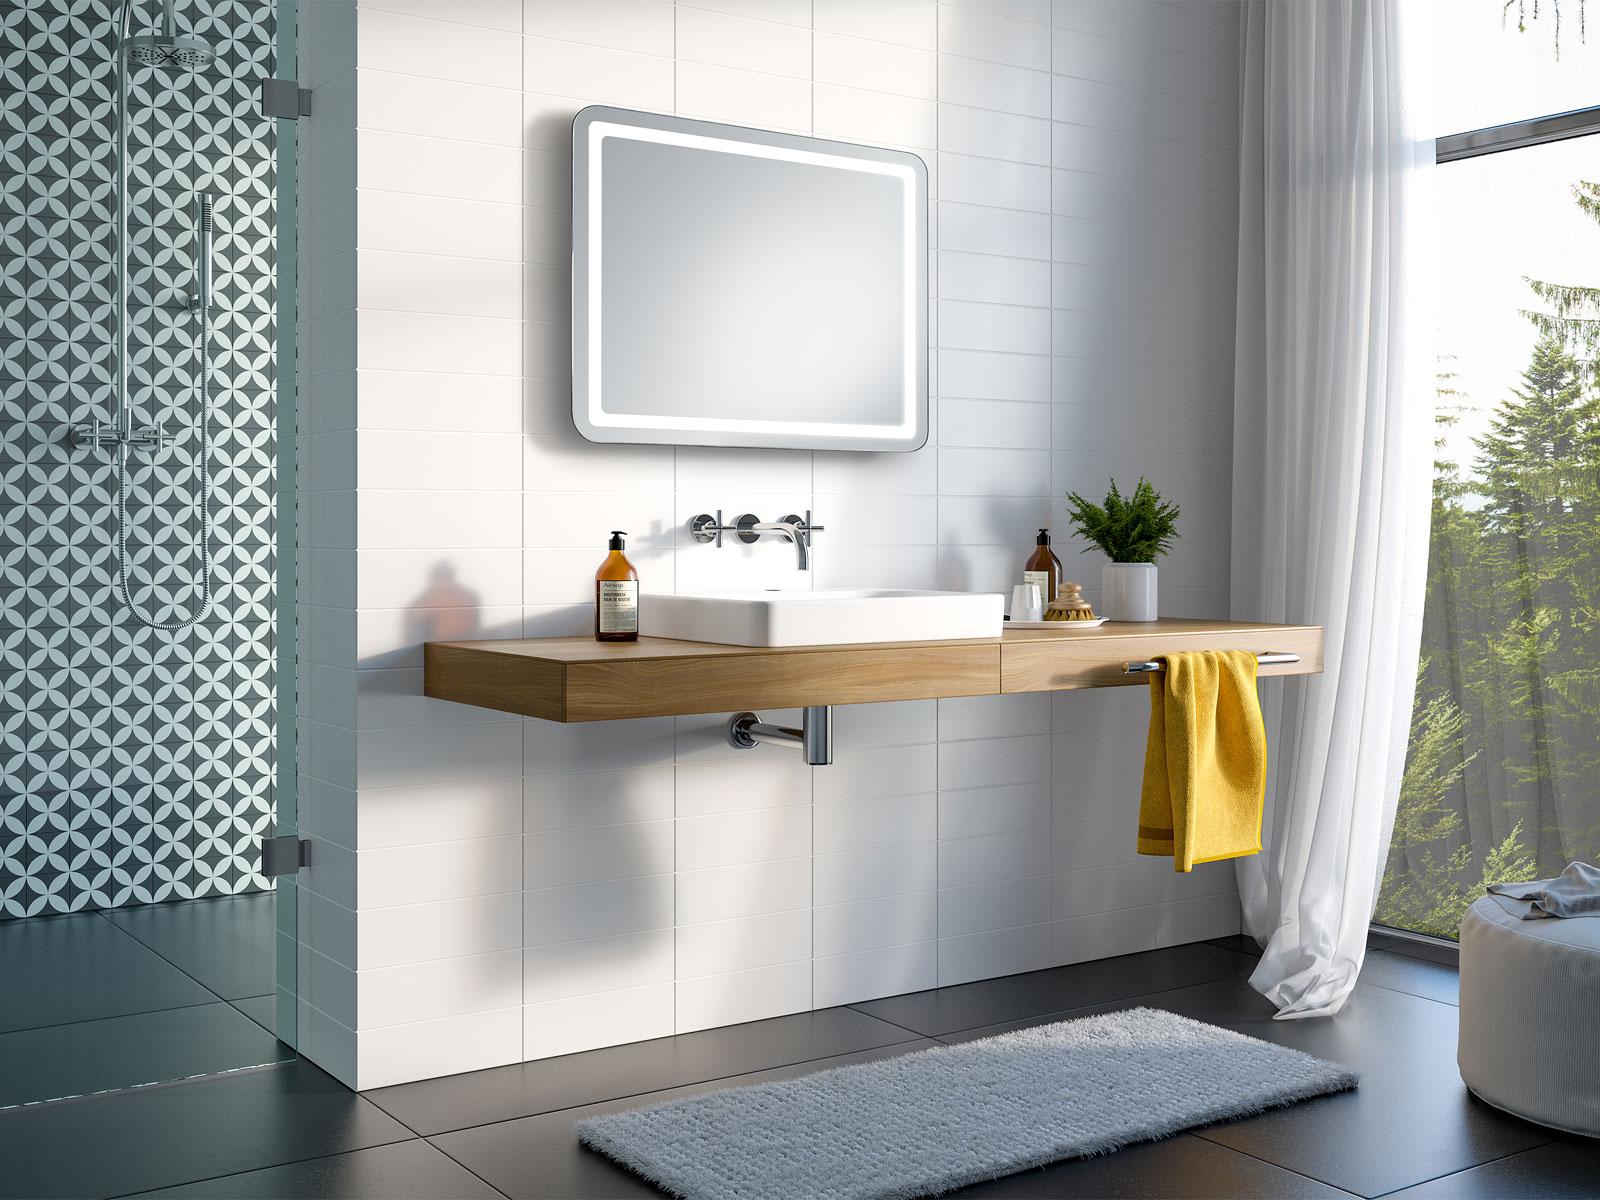 Groß Do It Yourself Framing Einen Badezimmerspiegel Fotos ...